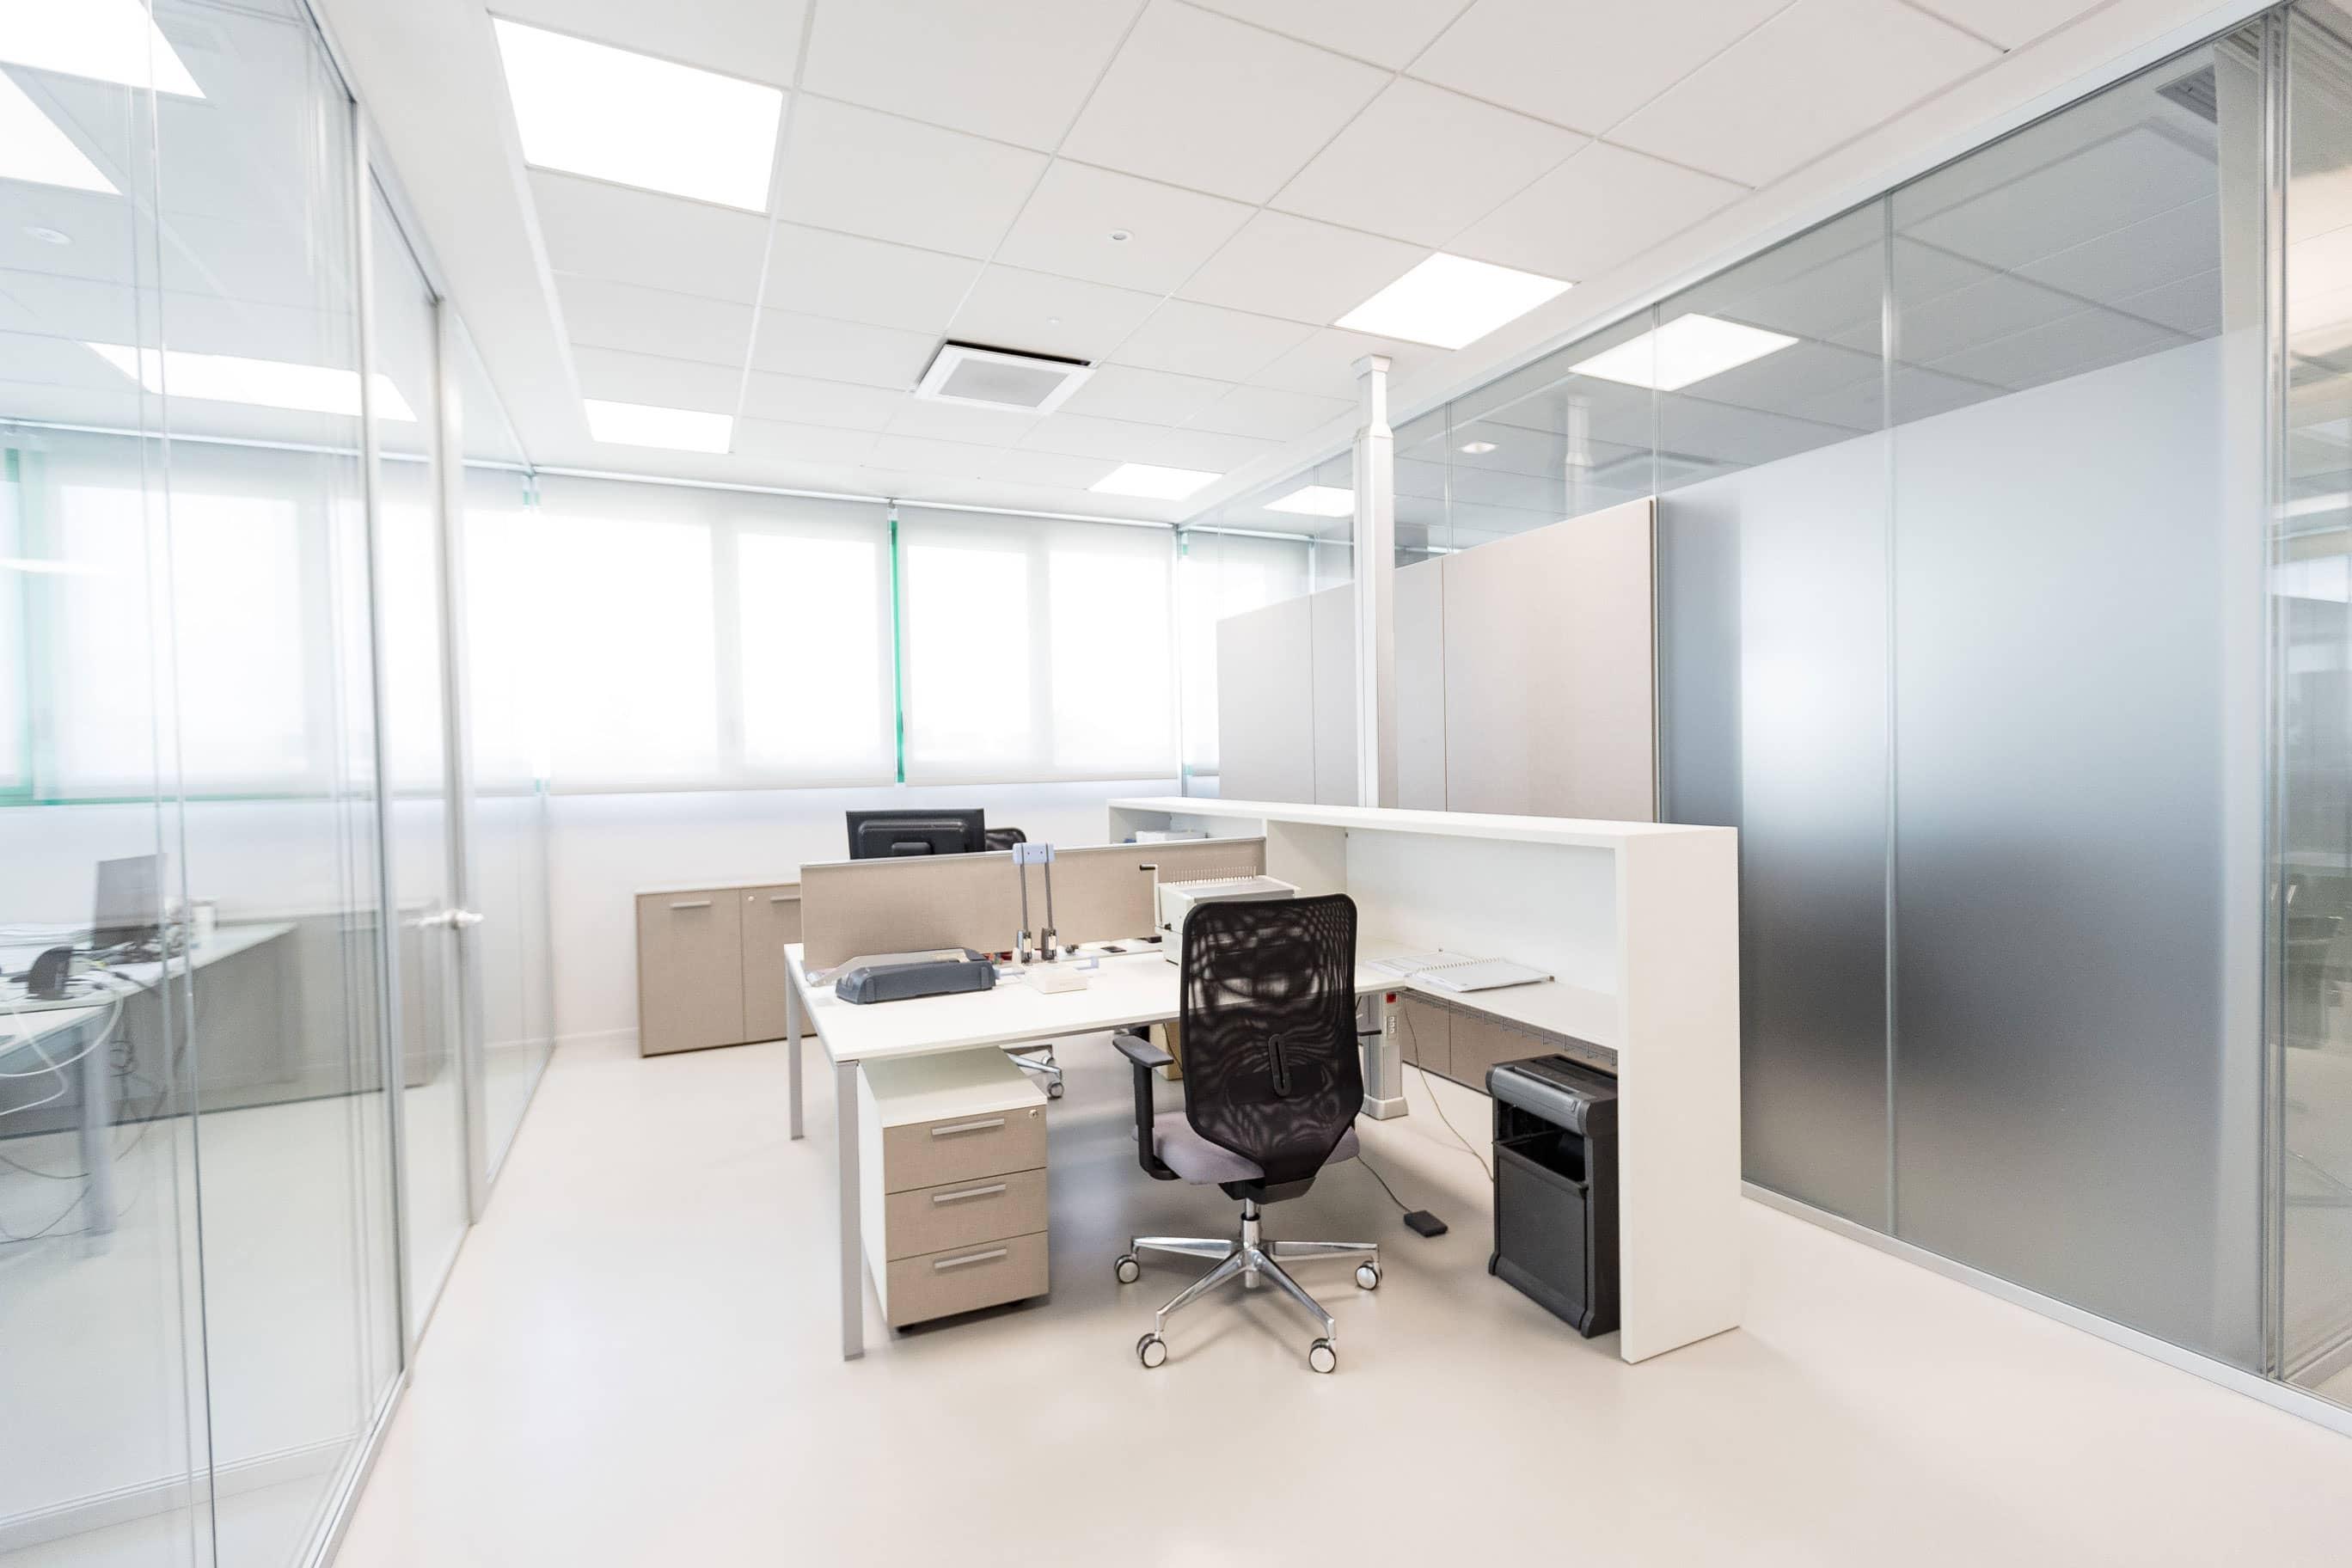 Arredare il nuovo ufficio cosa non deve mancare - Idee arredo ufficio ...